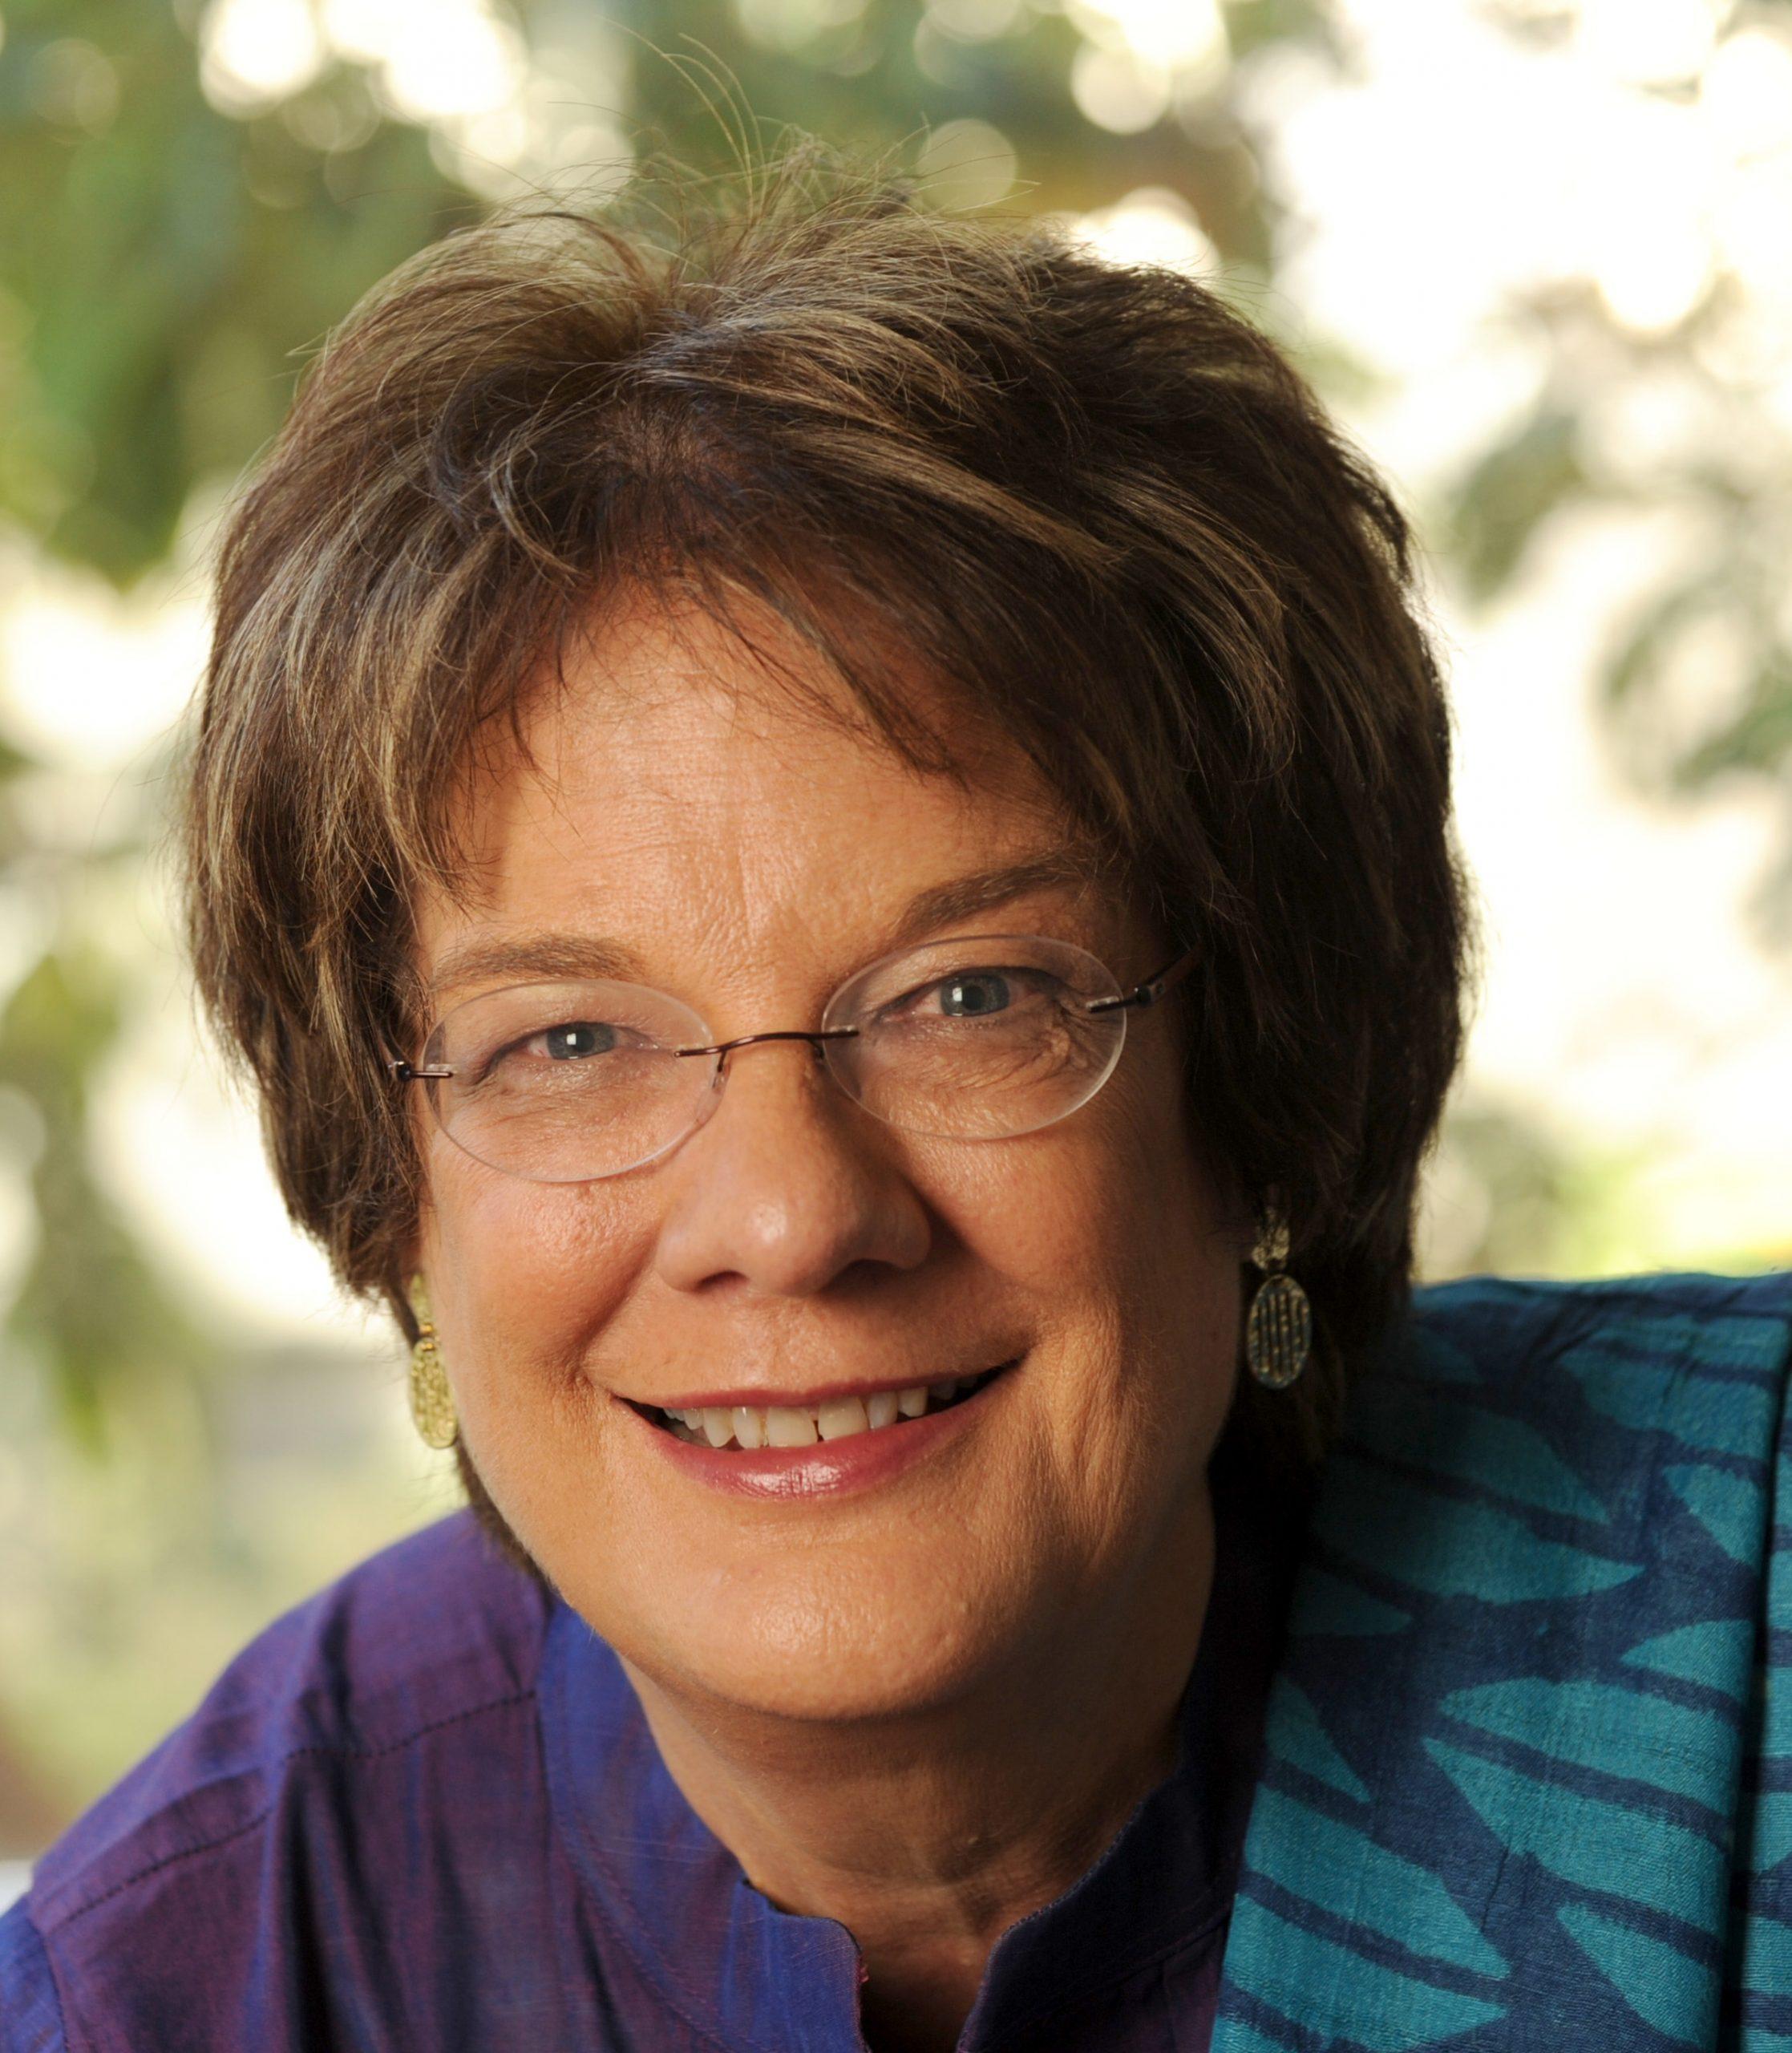 Molly Melching, founder of Tostan, to speak Sept. 29